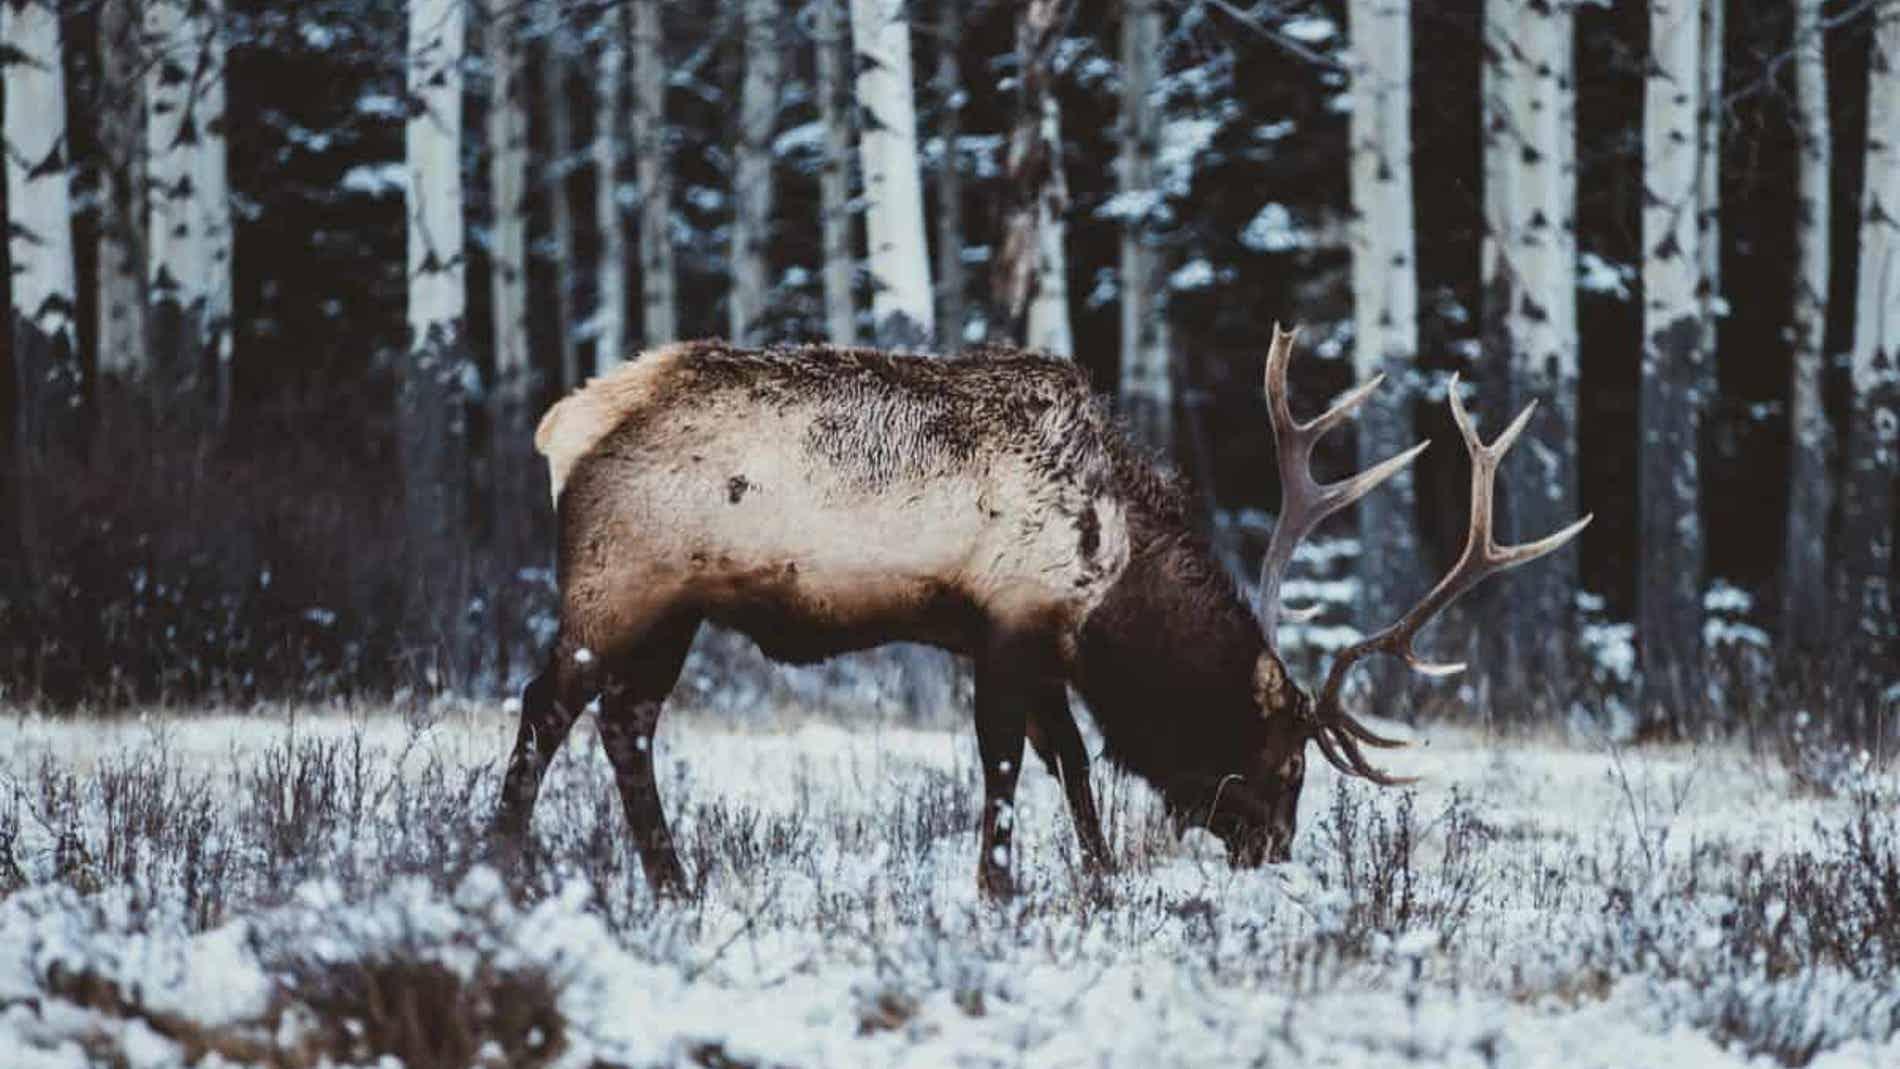 Un alce en la nieve (Archivo)